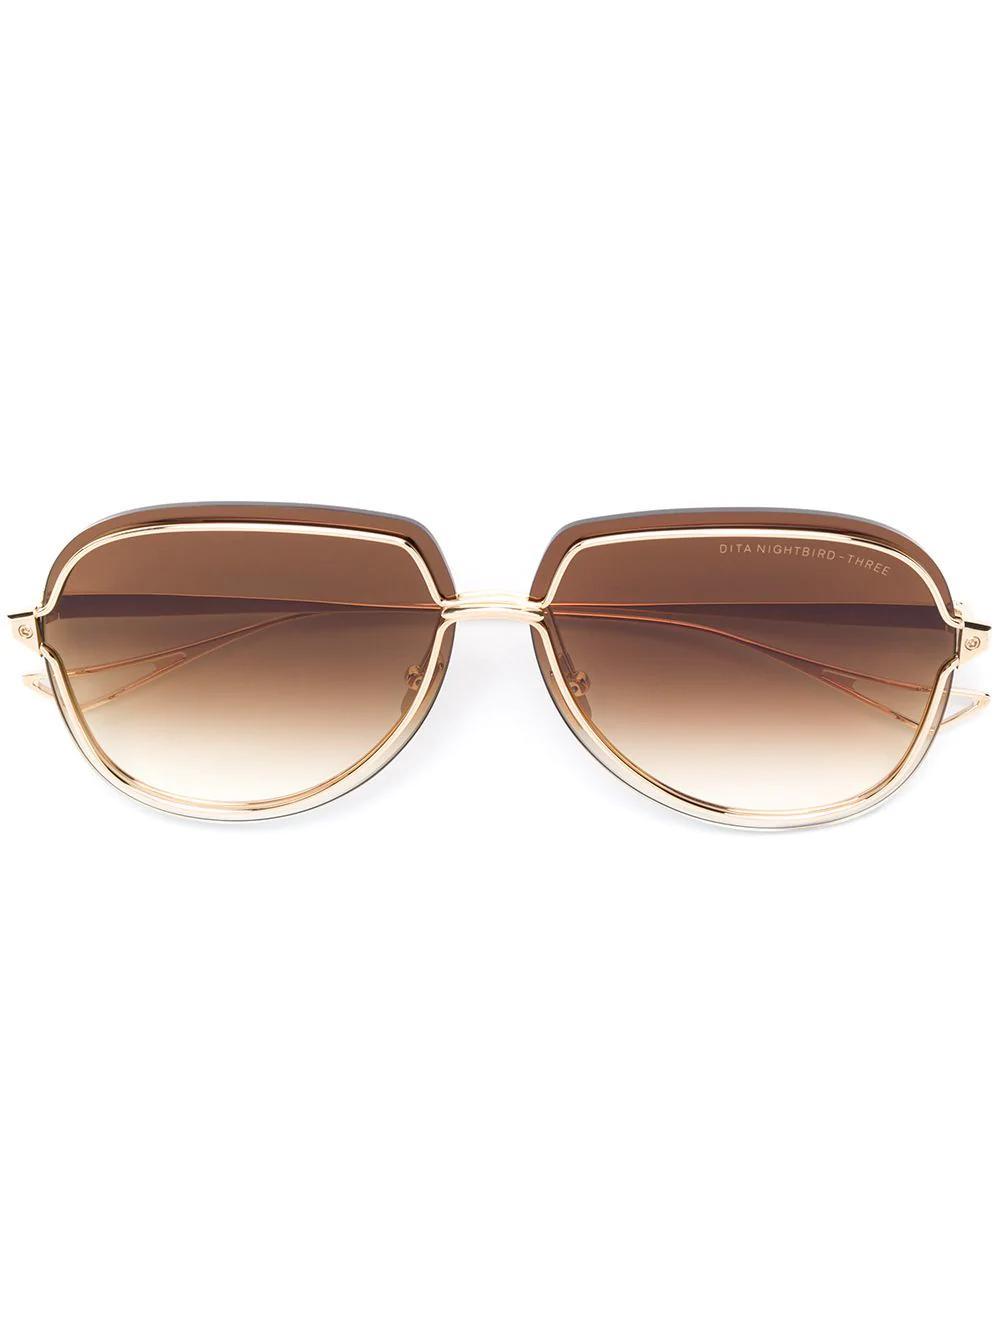 66af74b50e72 Dita Eyewear Nightbird-Three Sunglasses - Gold